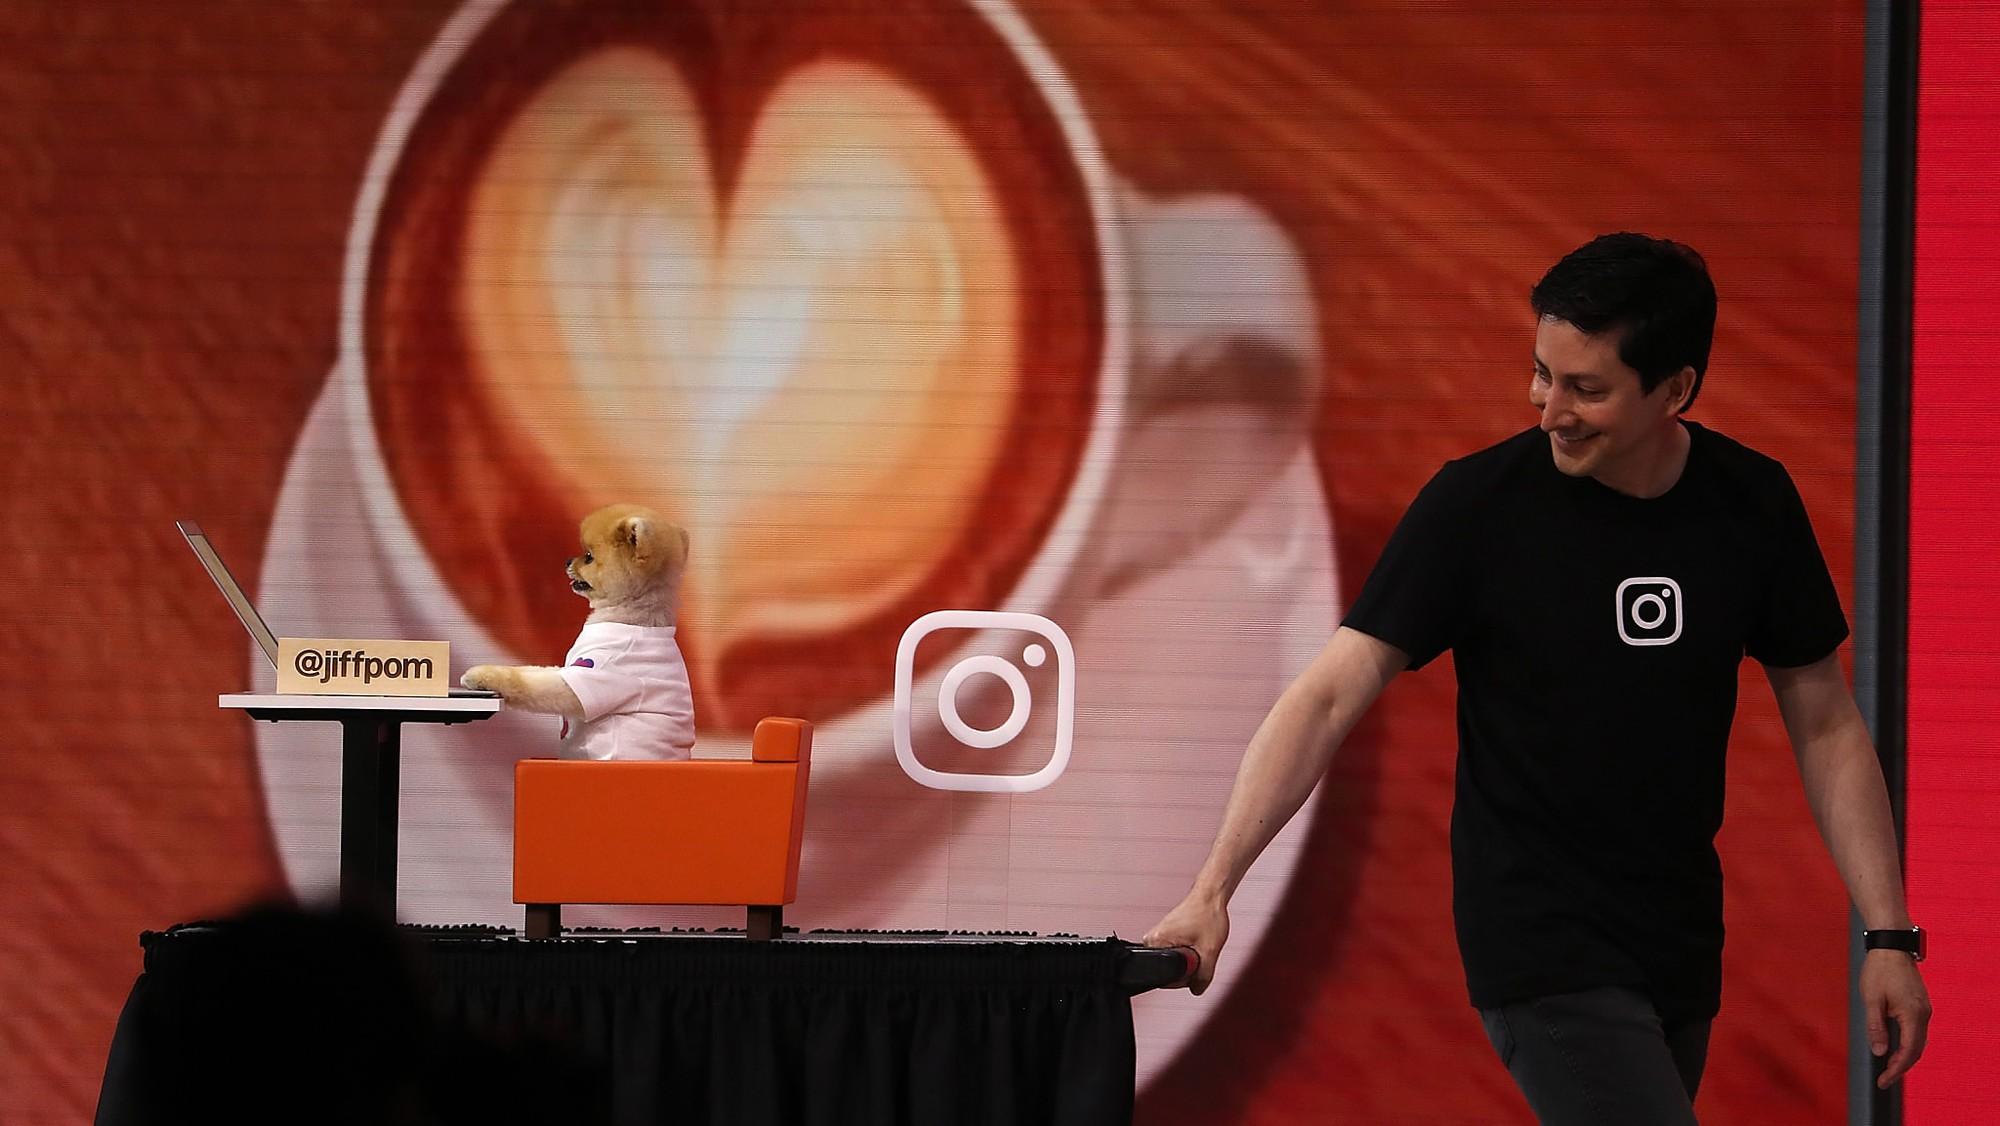 Đọ sức nóng với Hot dog 8 triệu follower Instagram: Được dự event của Mark Zuckerberg, đóng MV cho Katy Perry... - Ảnh 4.